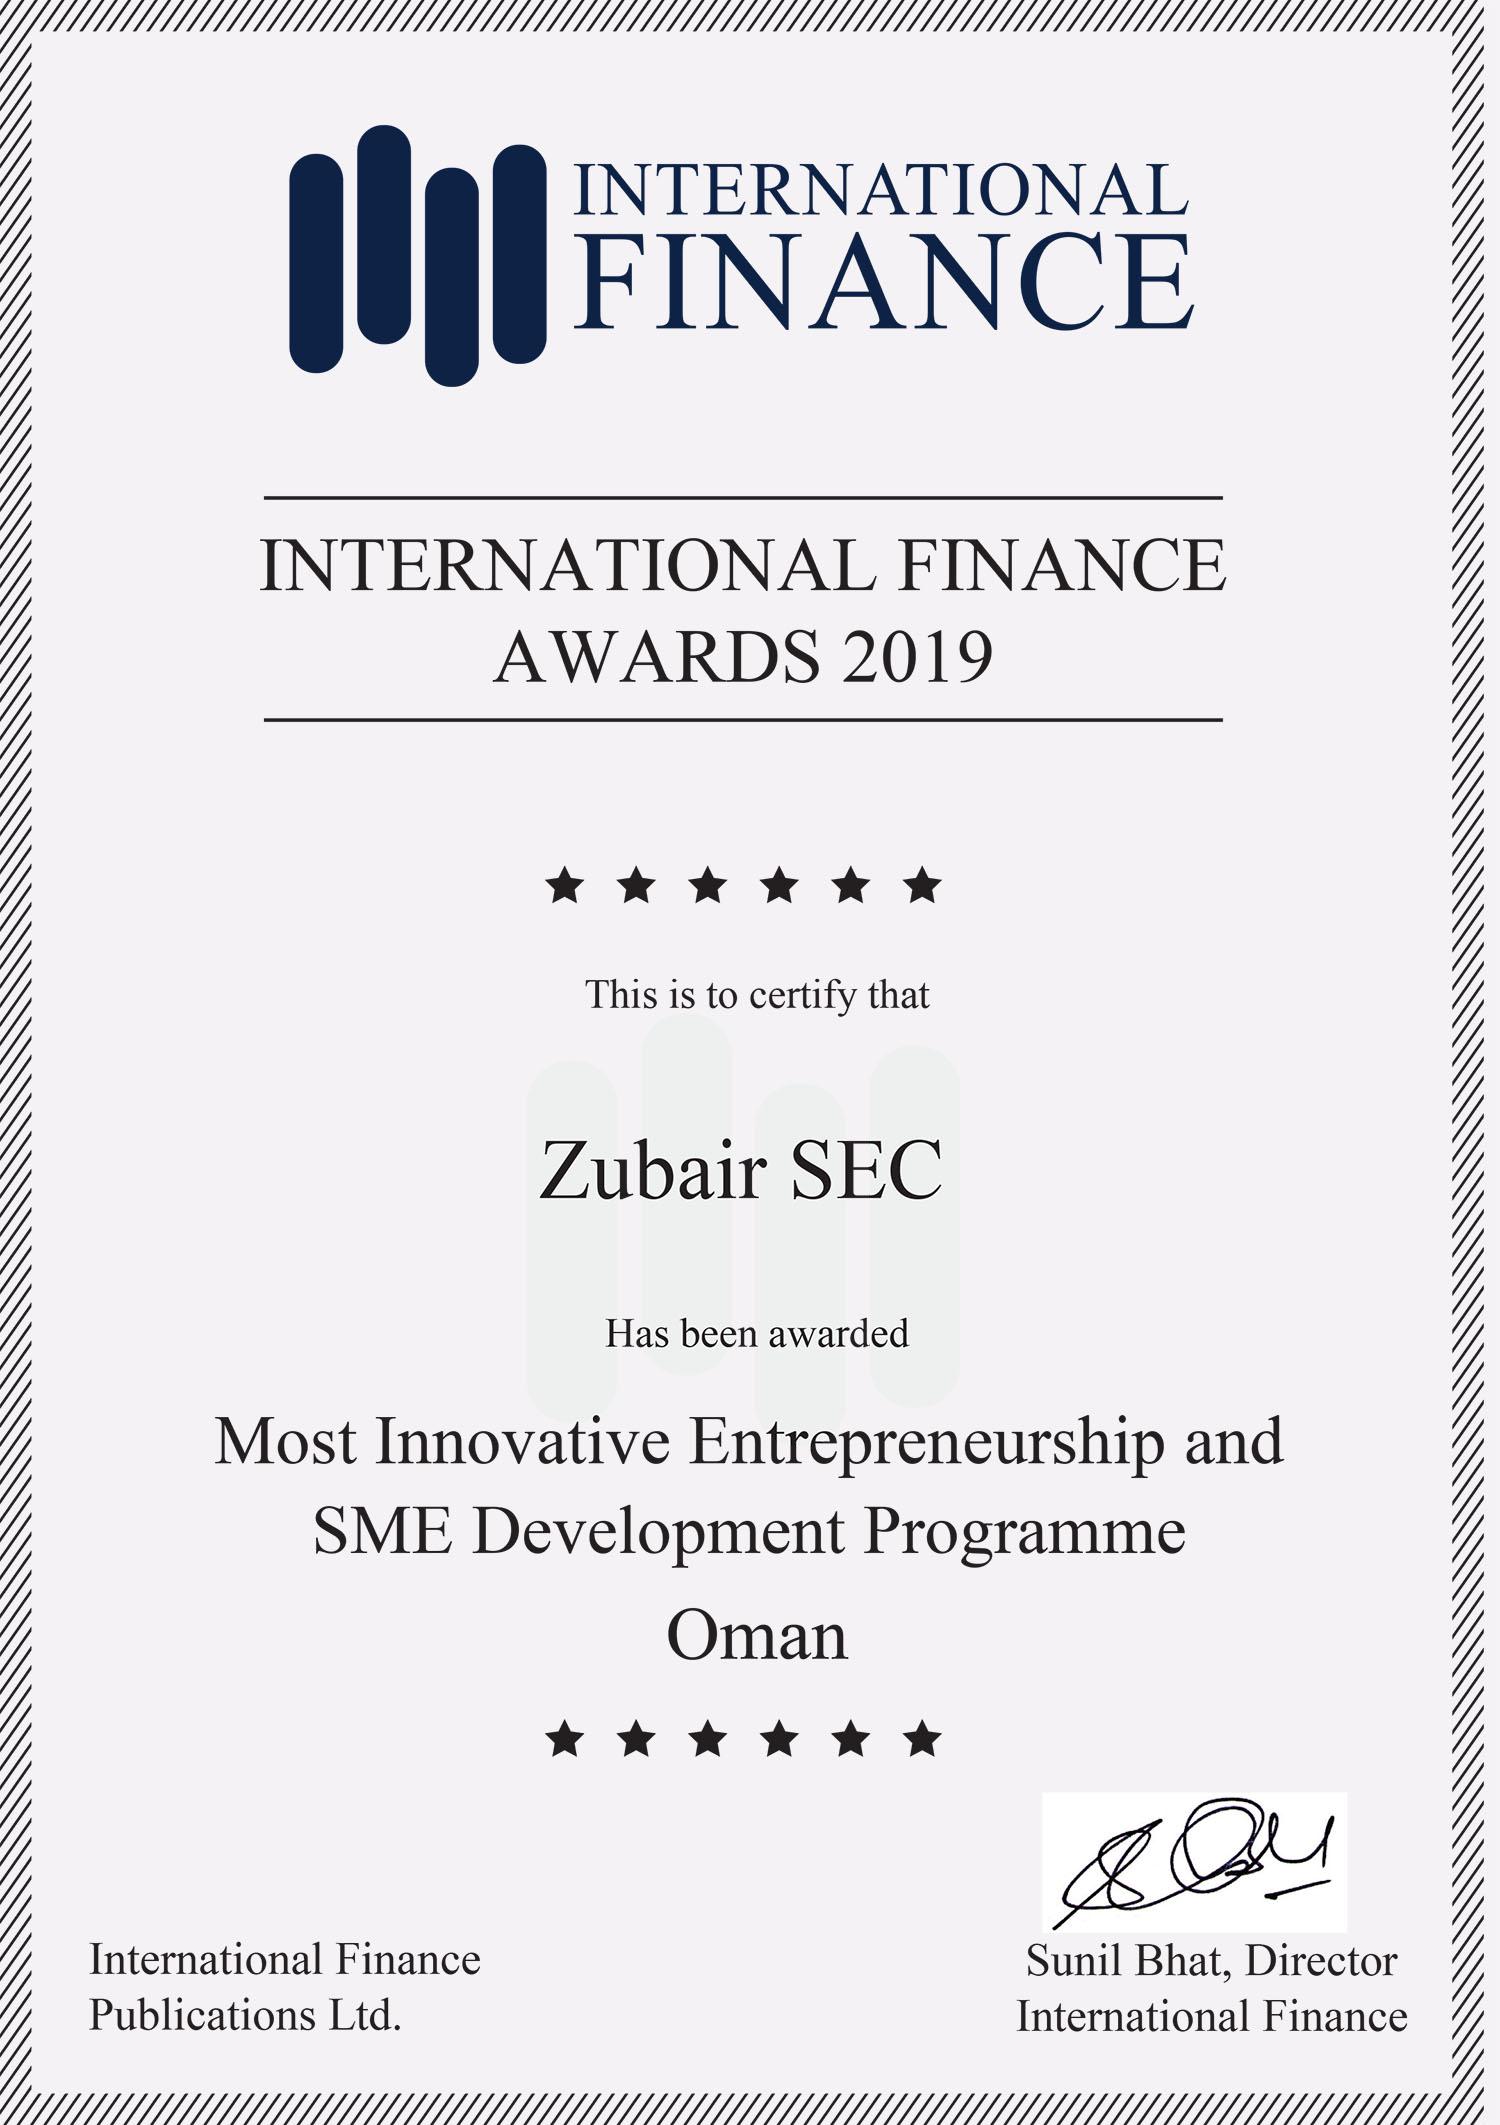 Zubair SEC wins International Finance Award 2019